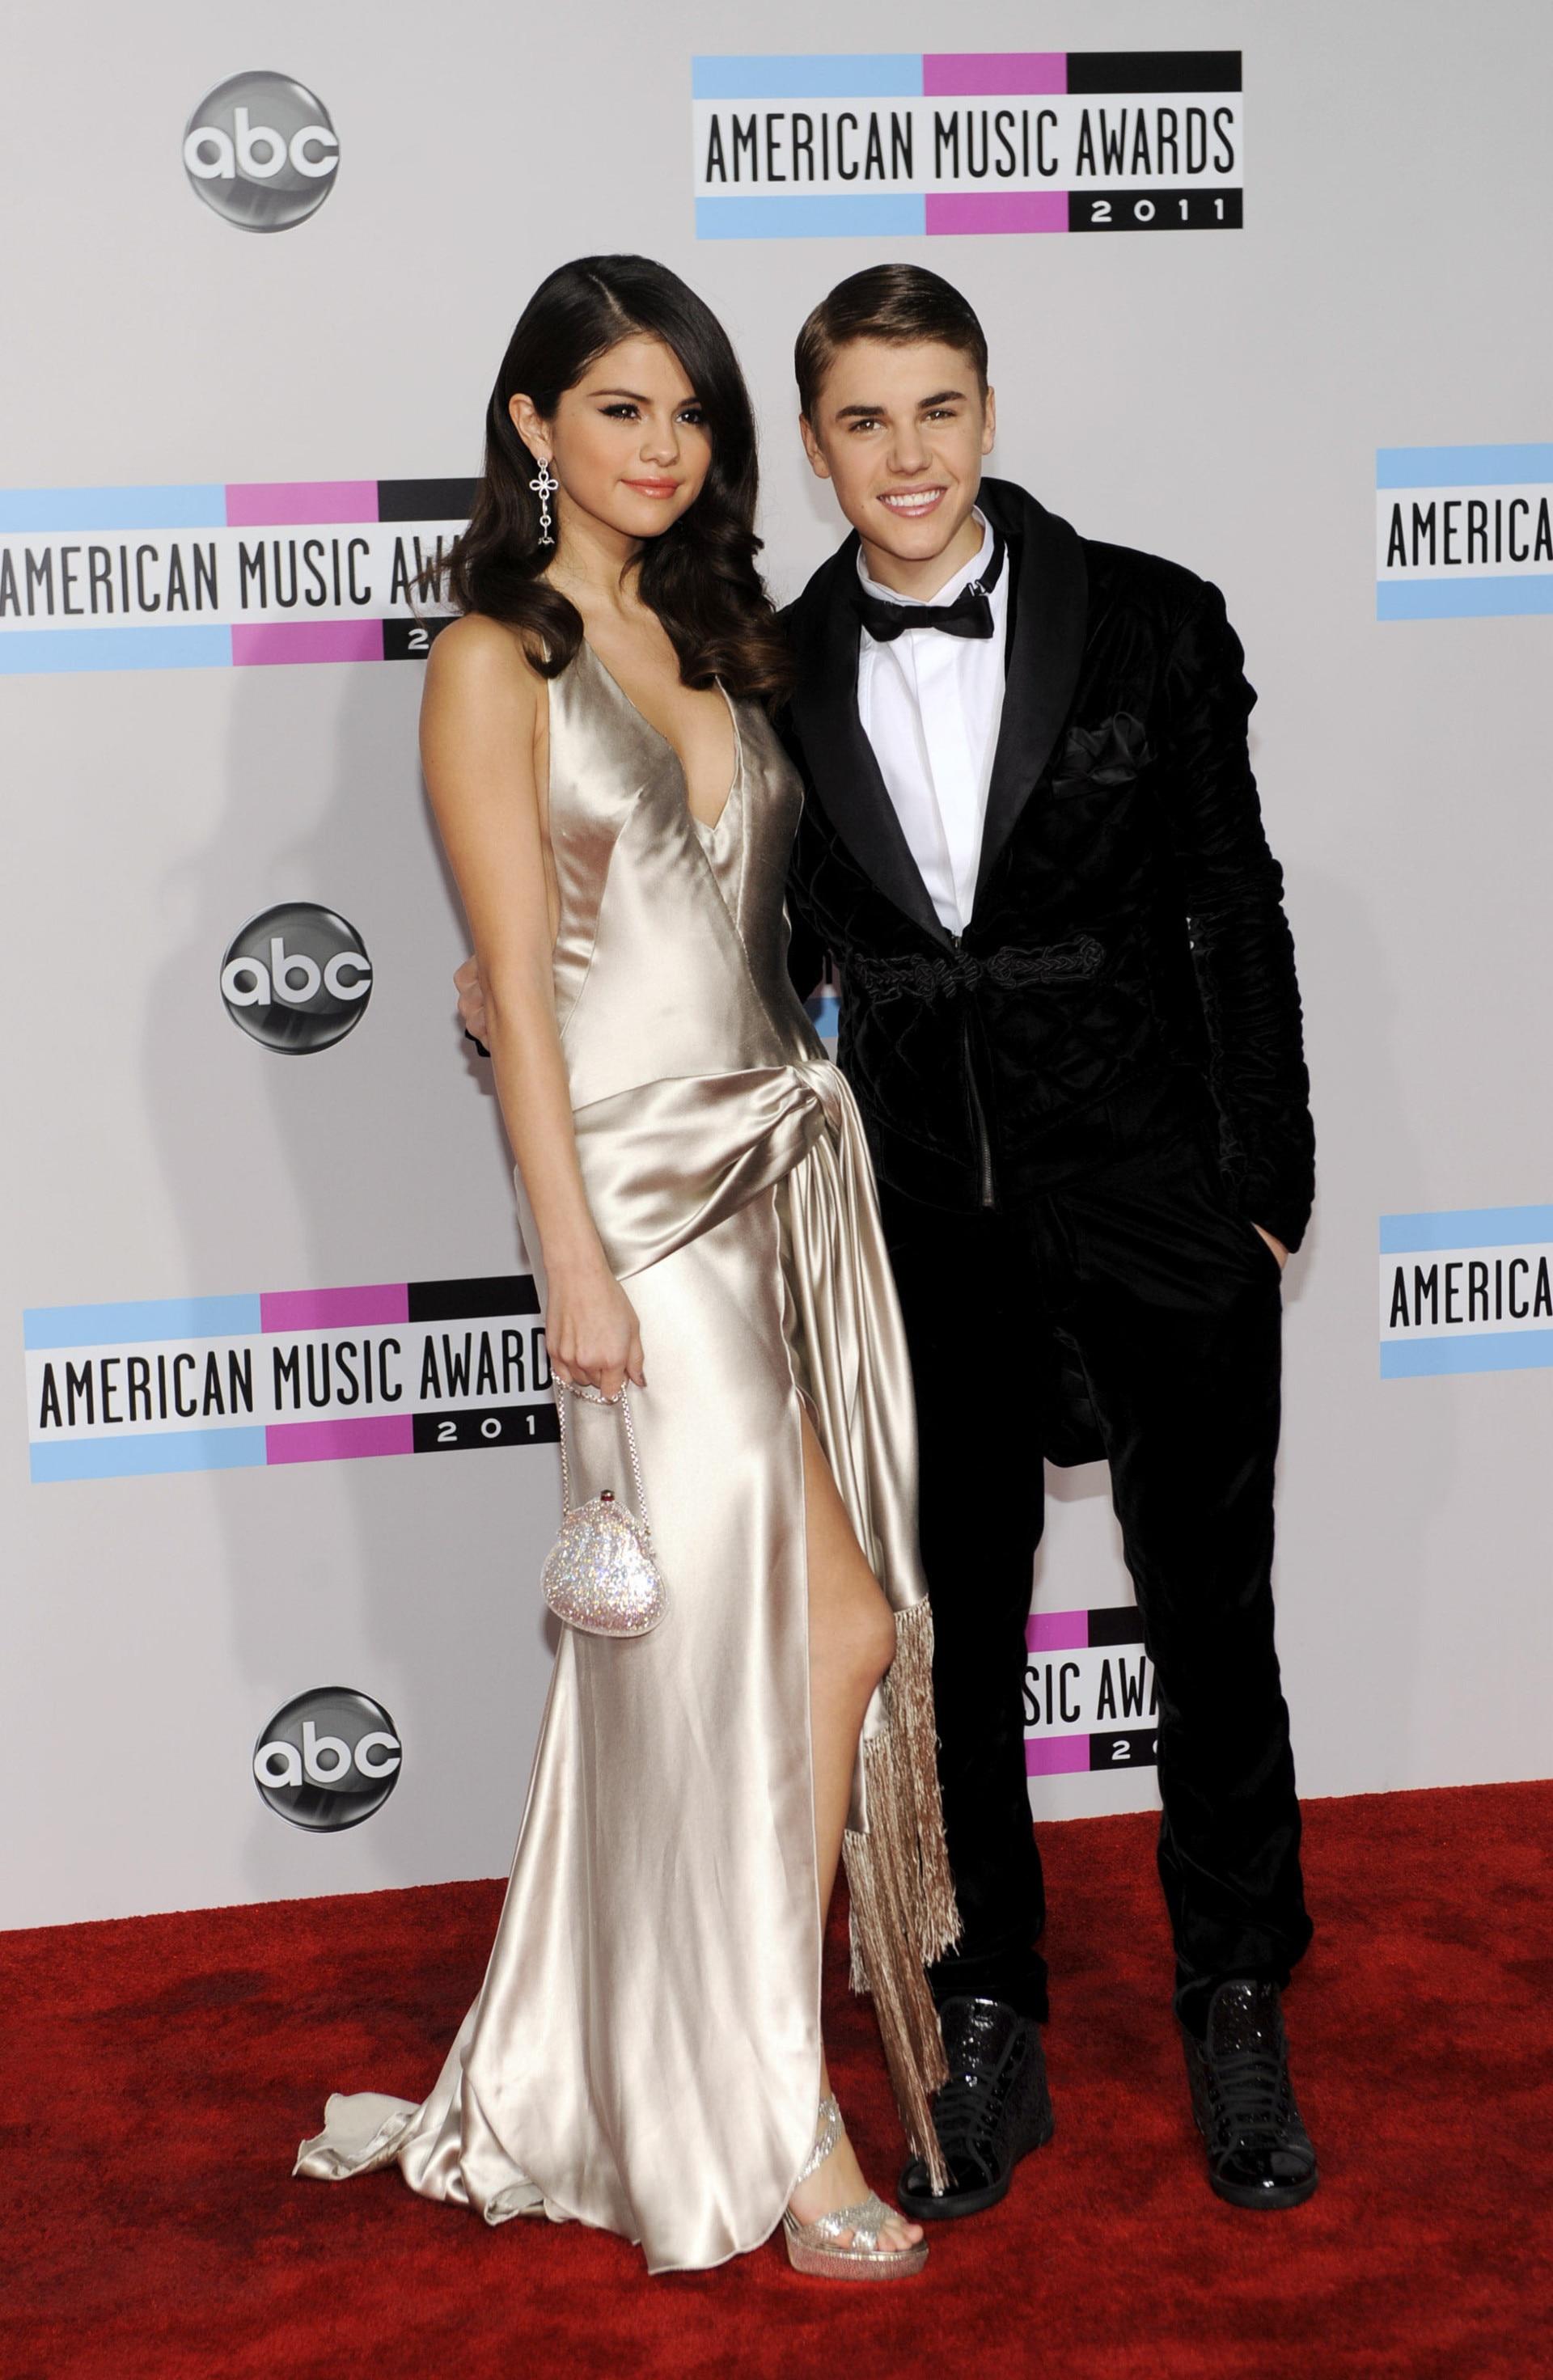 som är Selena Gomez dating april 2015 gratis Interracial dejtingsajt Kanada